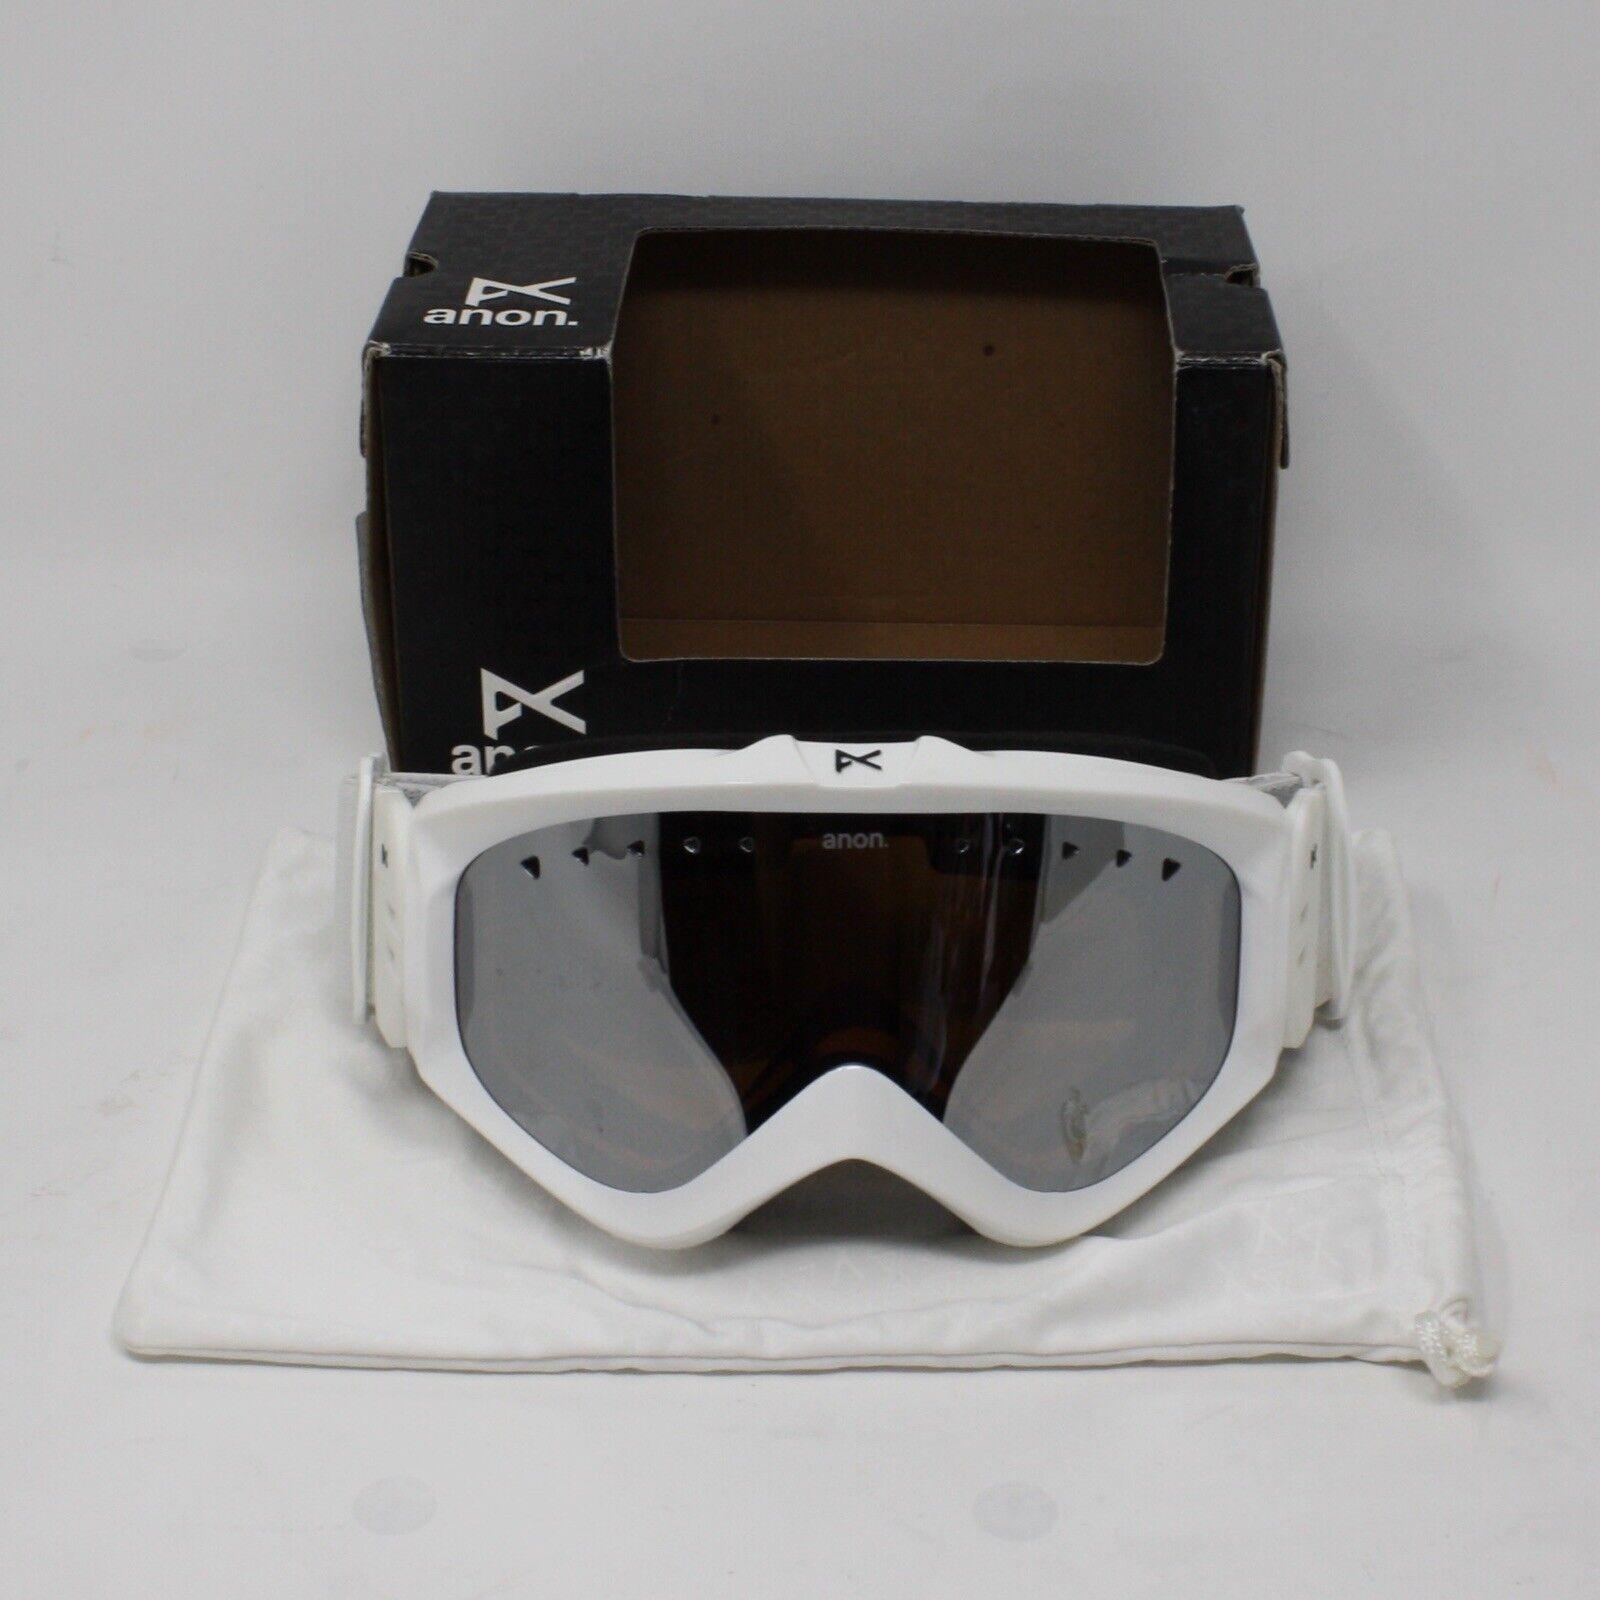 Anon Snow Goggles  - Ski Snowboard Goggles - Skiing Goggle - Snowboarding Goggle  the best after-sale service